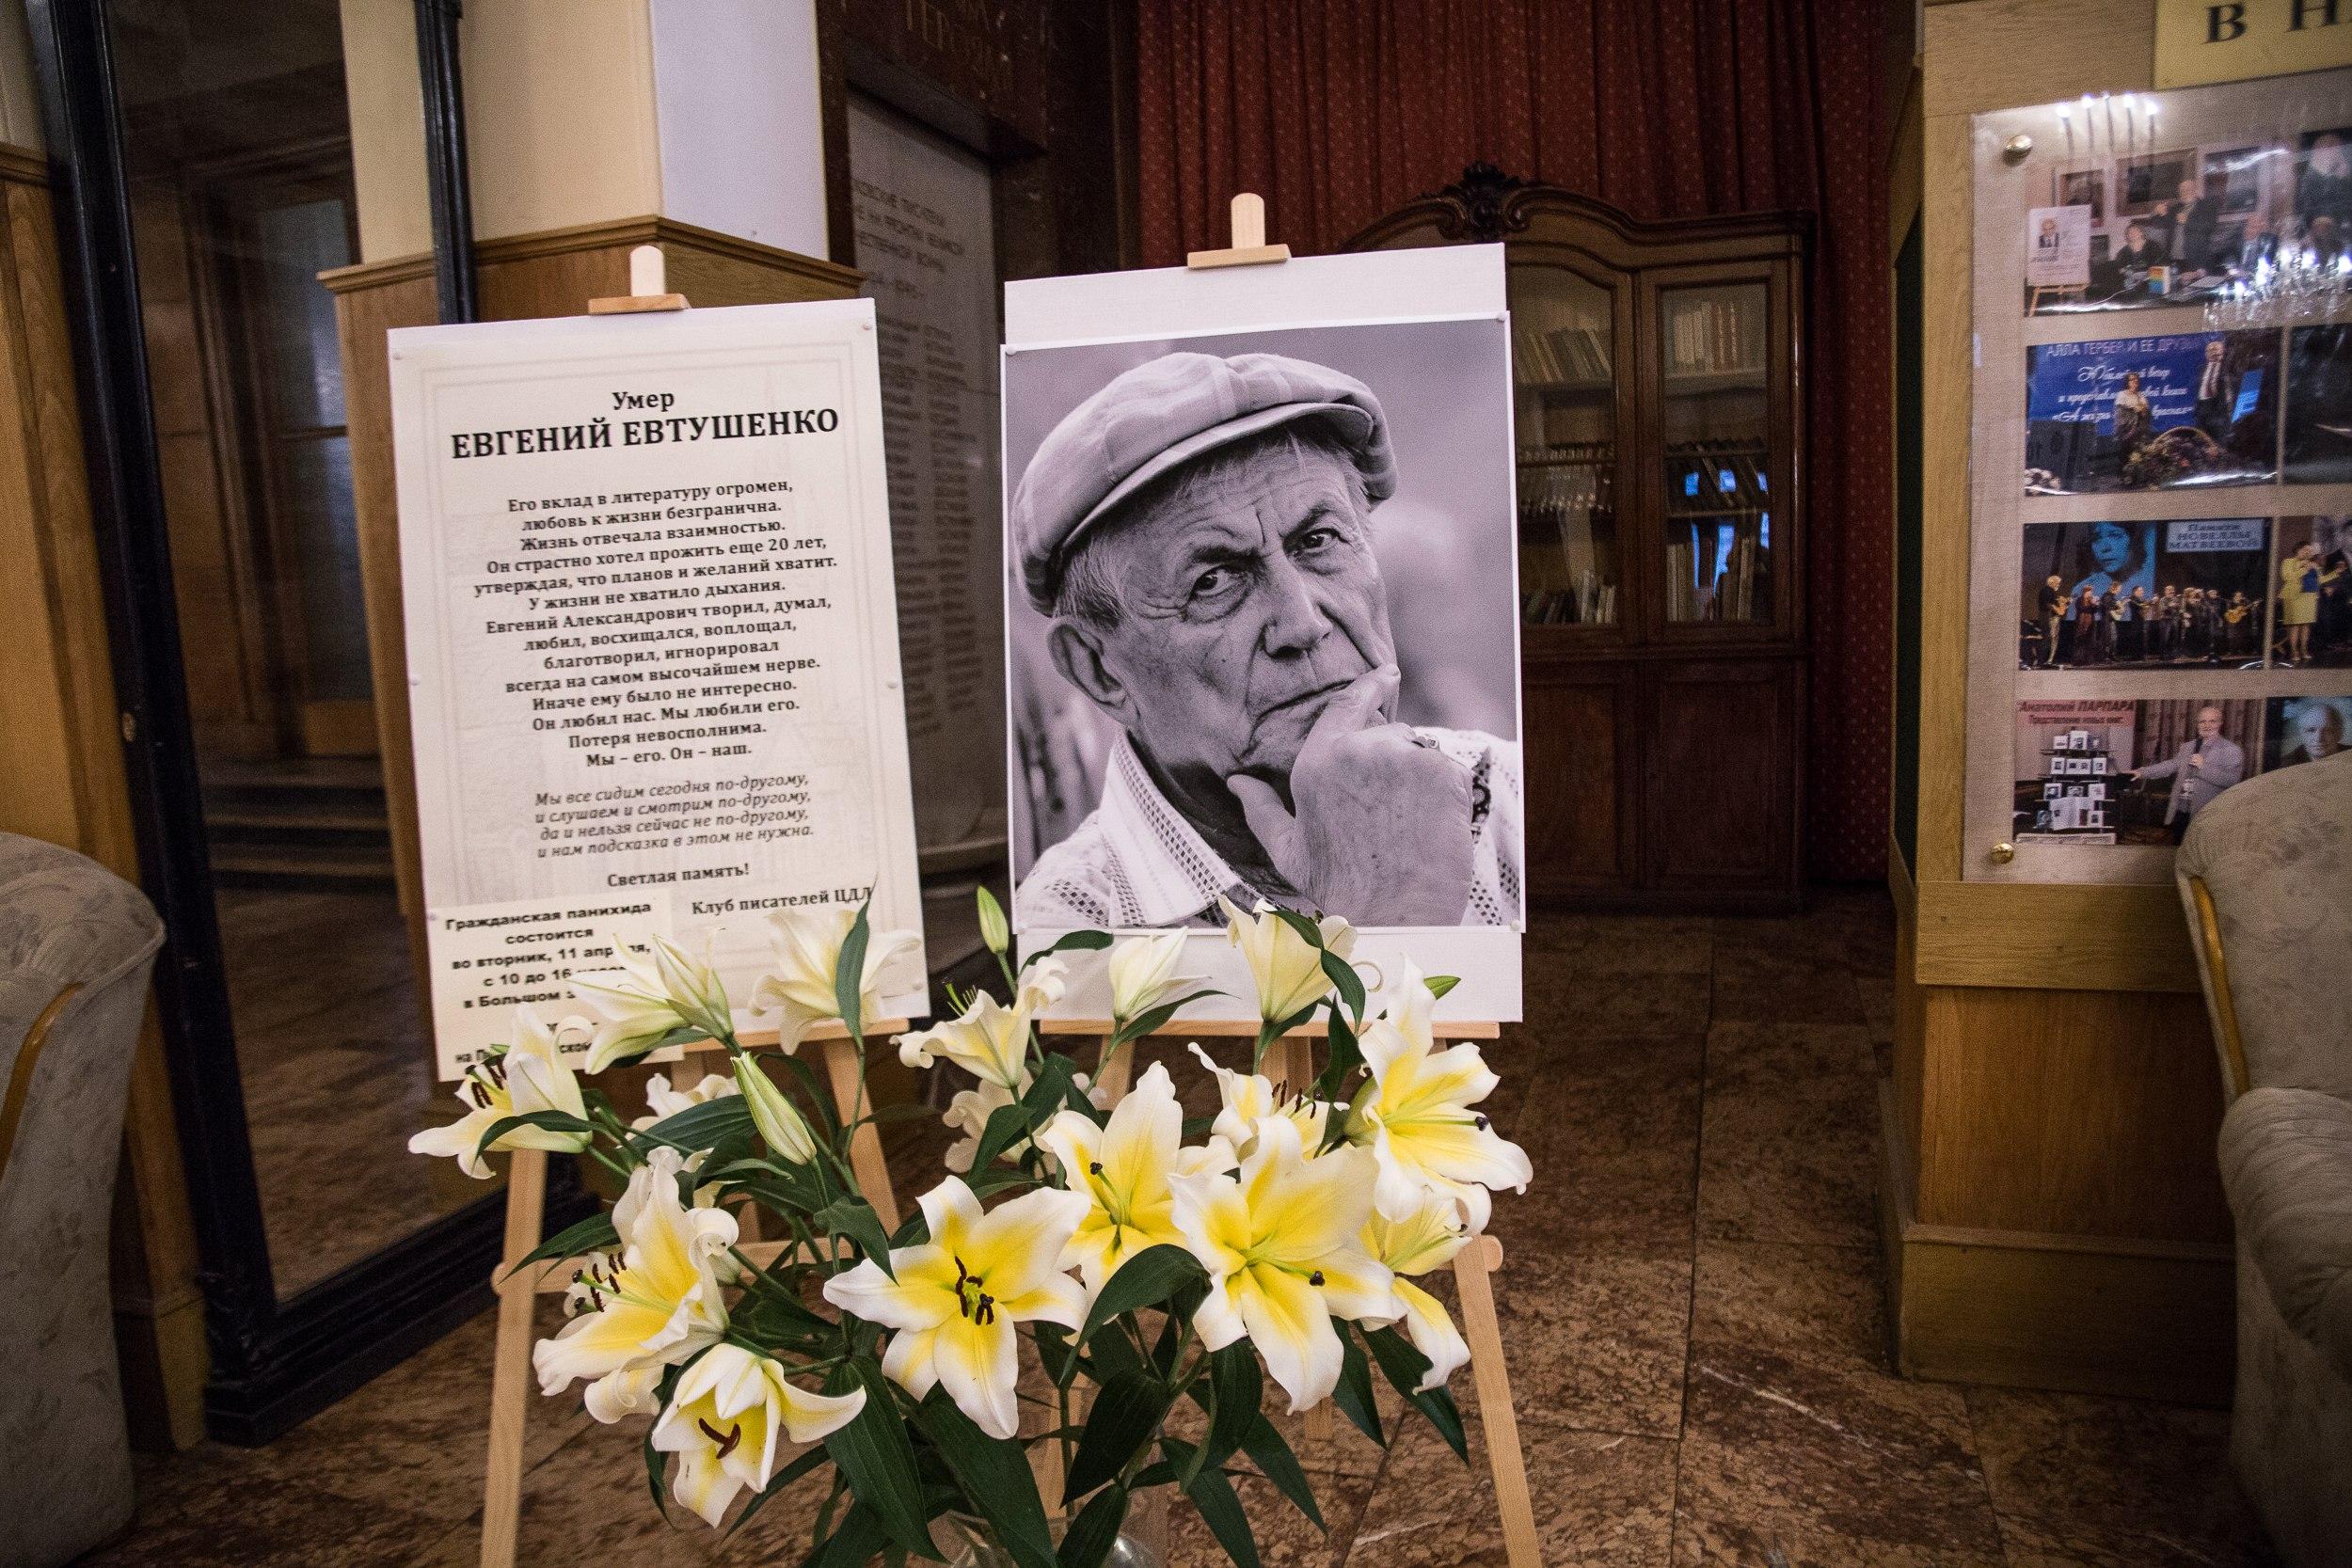 Завтра, 11 апреля, в ЦДЛ с 10:00 до 16:00 состоится гражданская панихида по Евгению Евтушенко…